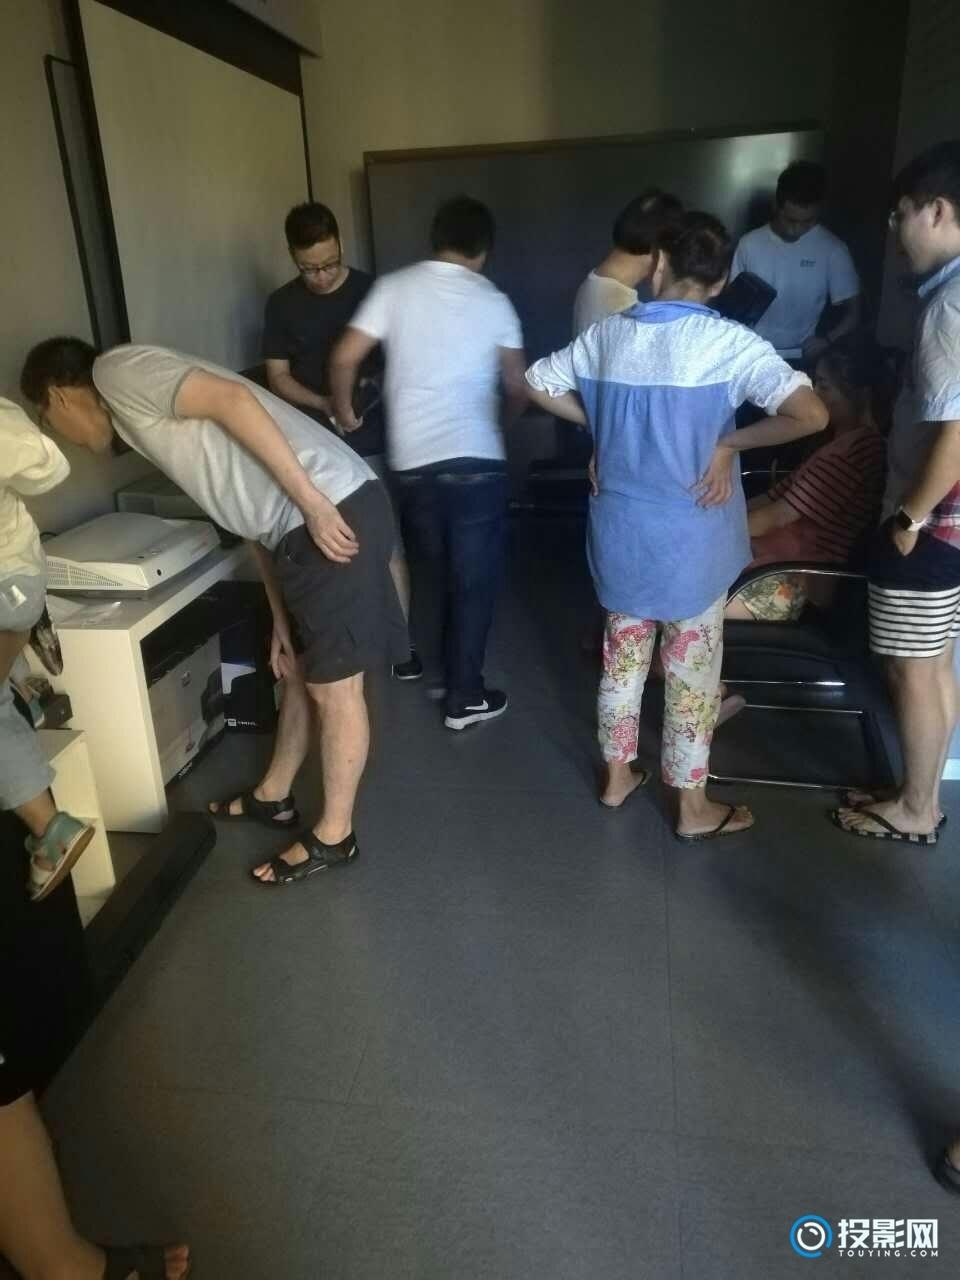 上海哪里有卖投影仪的地方?